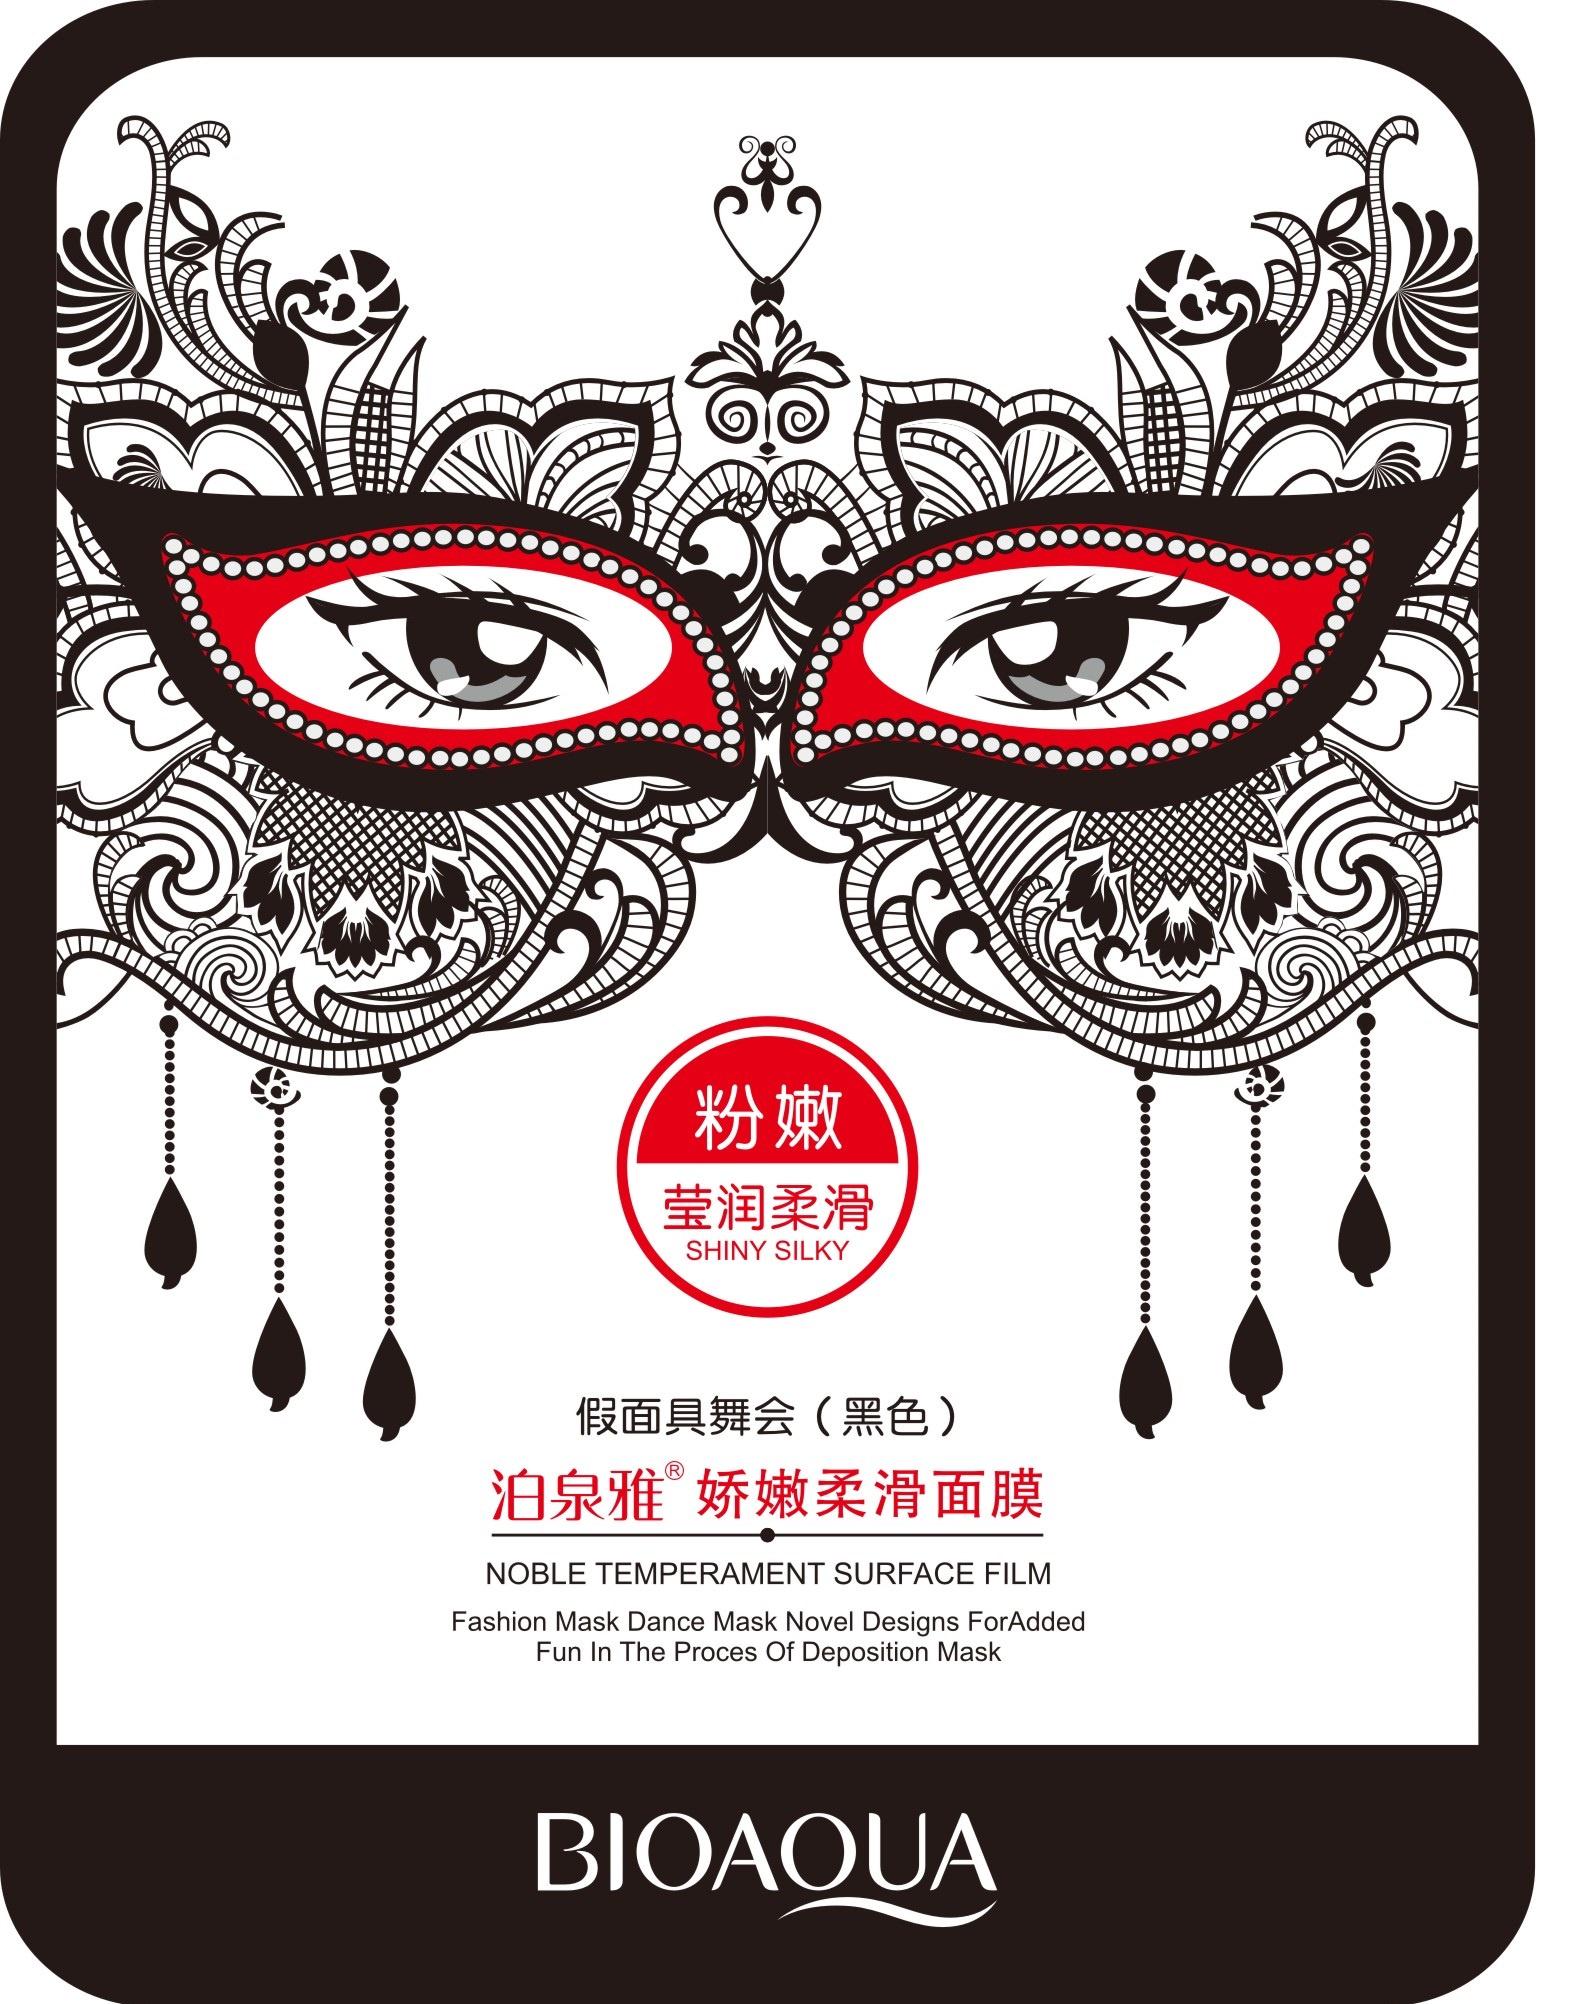 Маска косметическая BIOAQUA Bioaqua смягчающая маска для лица карнавальный дизайн (черная), 30 гр. маска косметическая bioaqua bioaqua маска для лица с экстрактом ромашки 30 гр